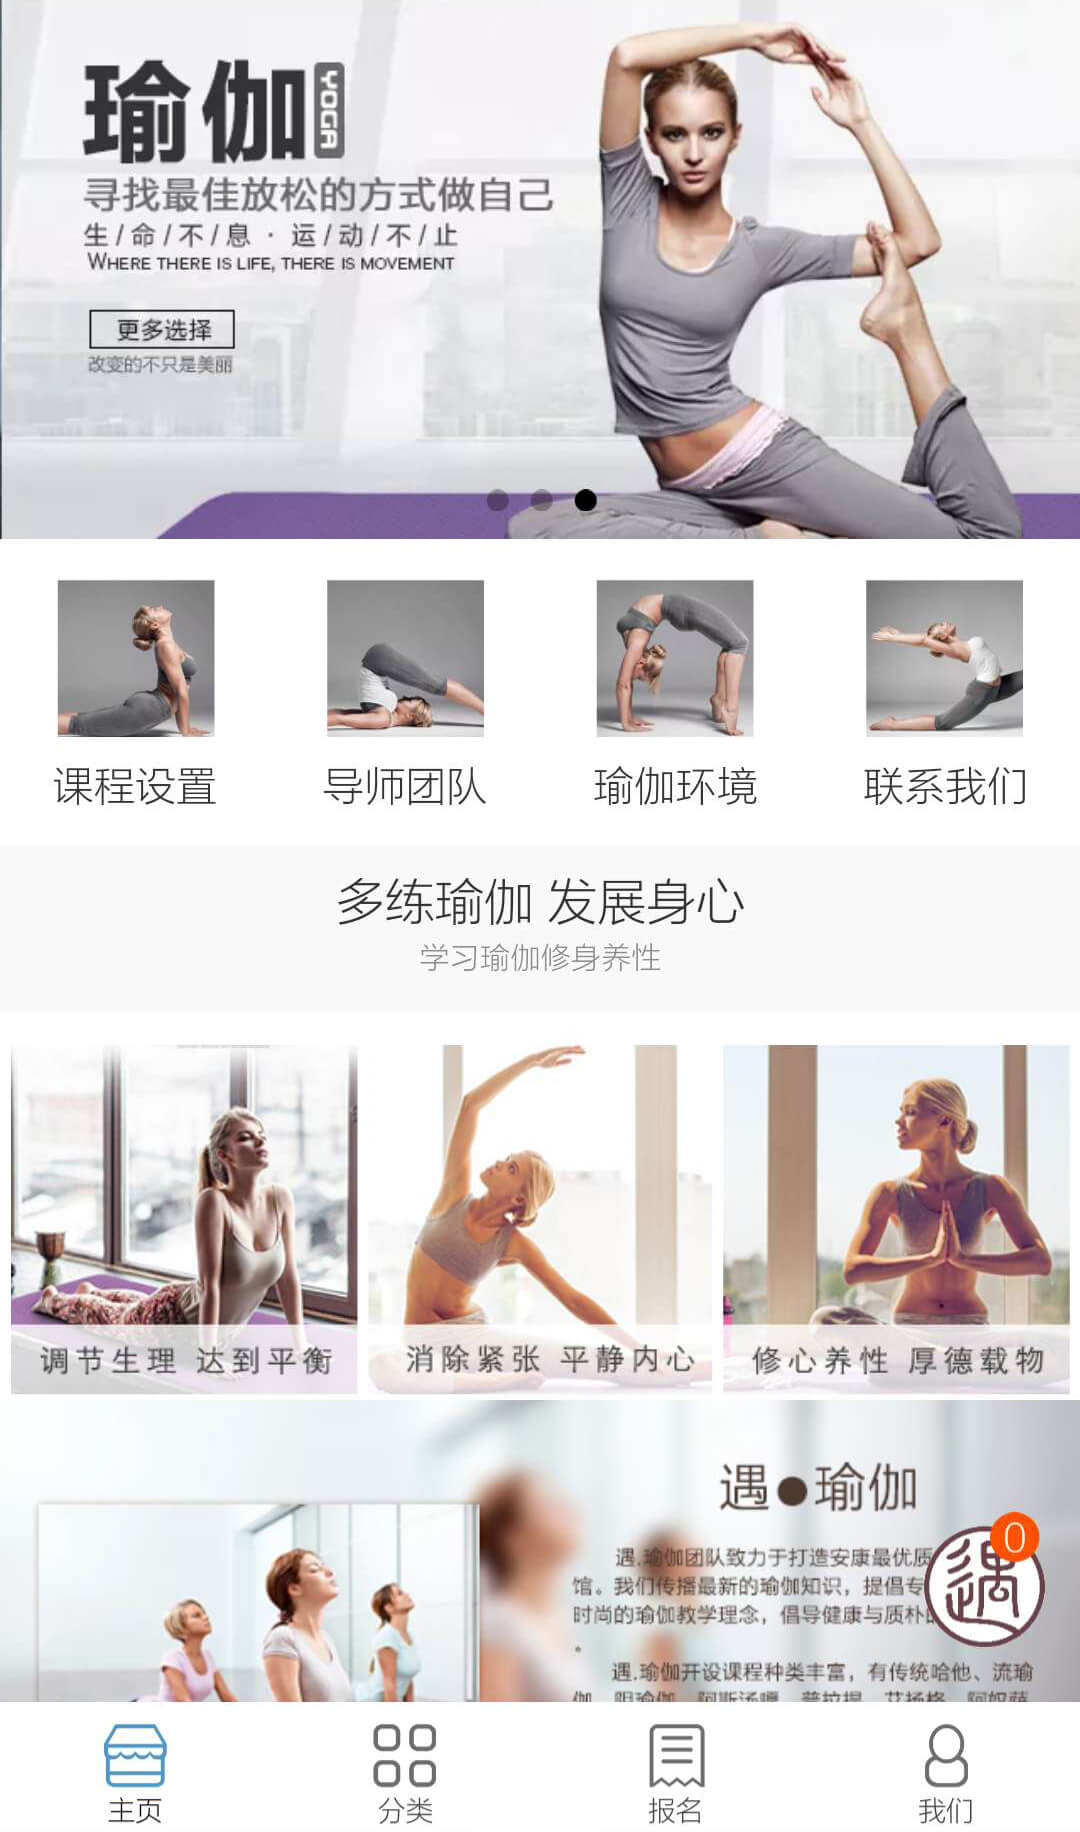 微信瑜伽培训小程序